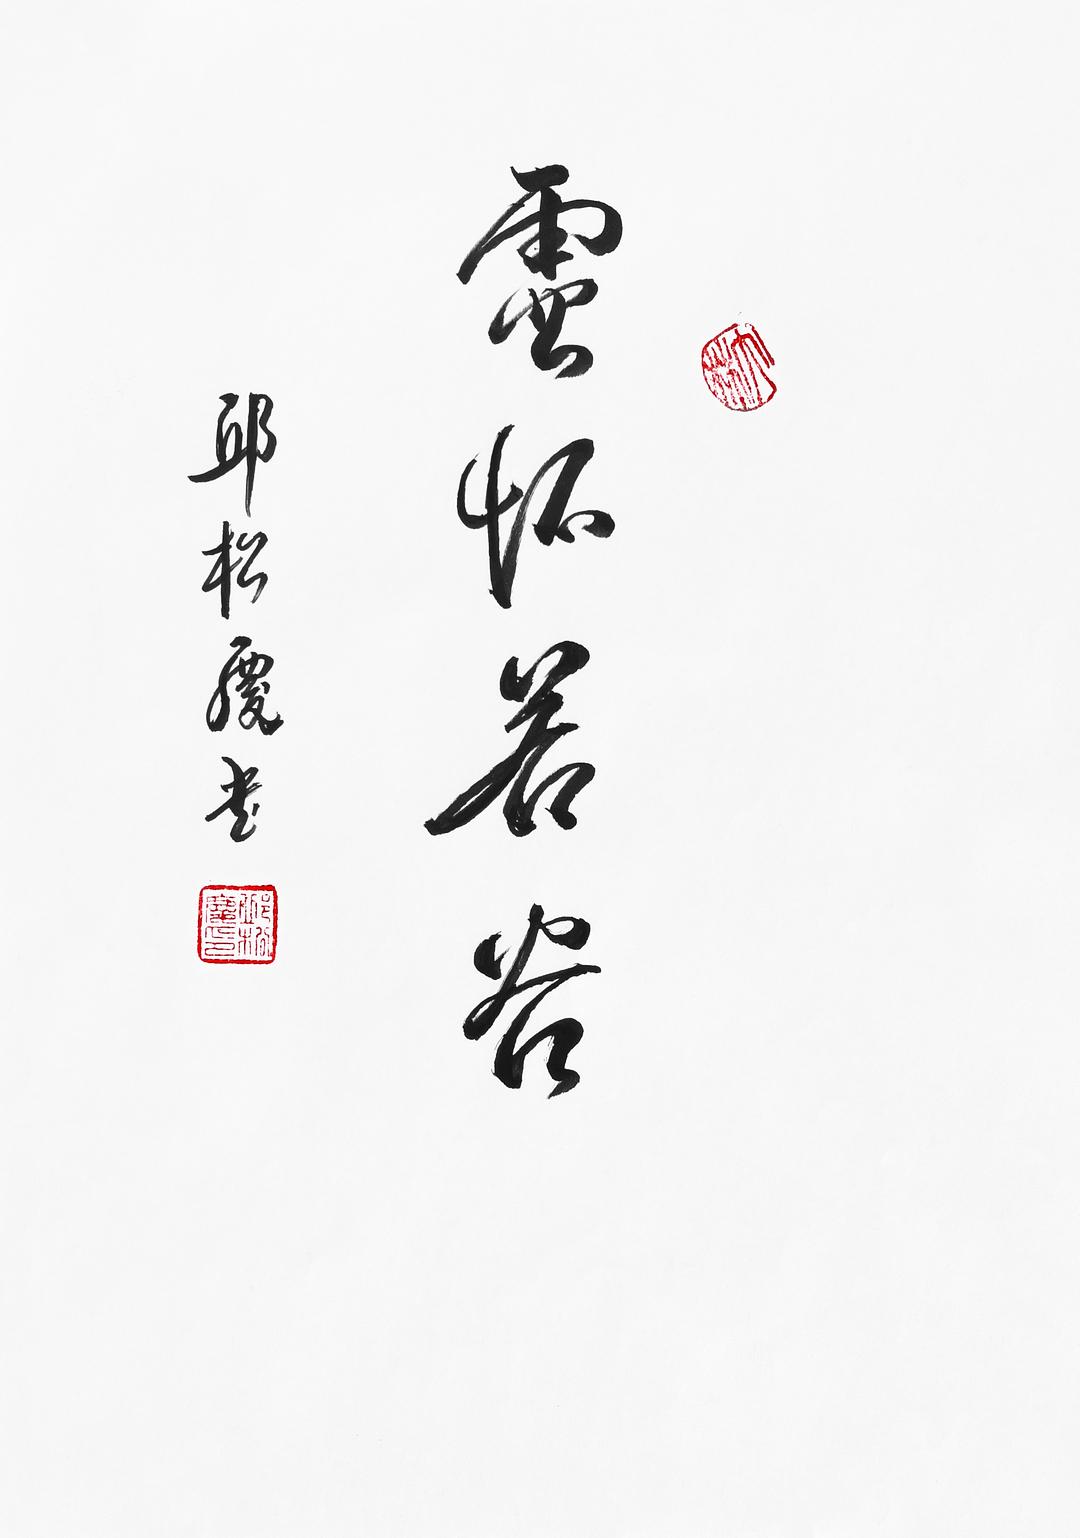 《空怀若谷》29.7x21cm 行书 纸本墨笔 2018年